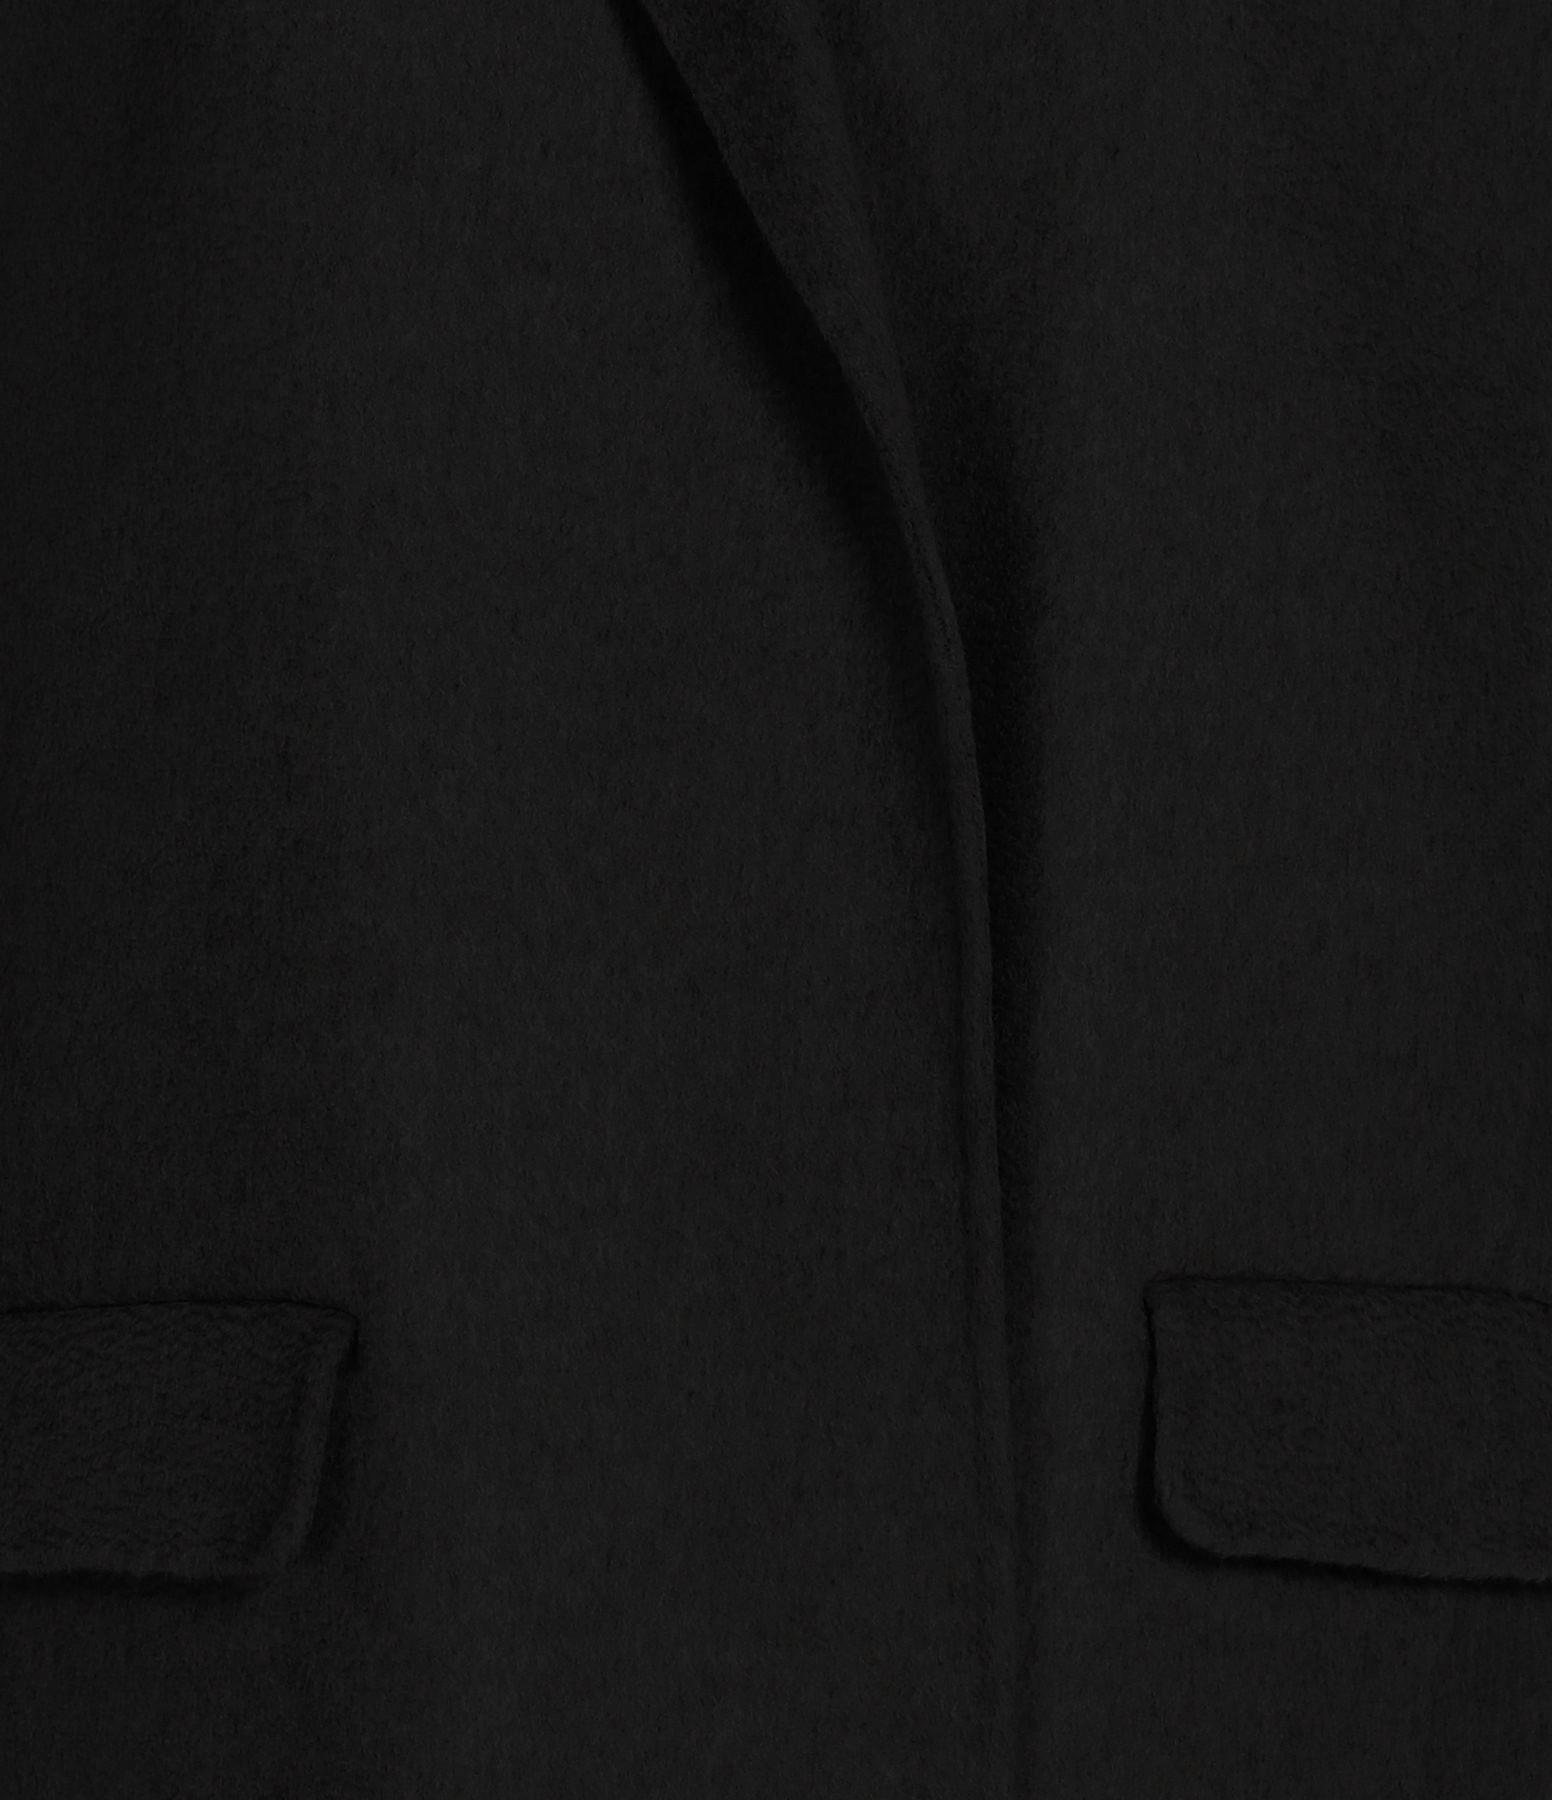 SEASONS - Gilet Sans Manches Noir, Exclusivité Lulli